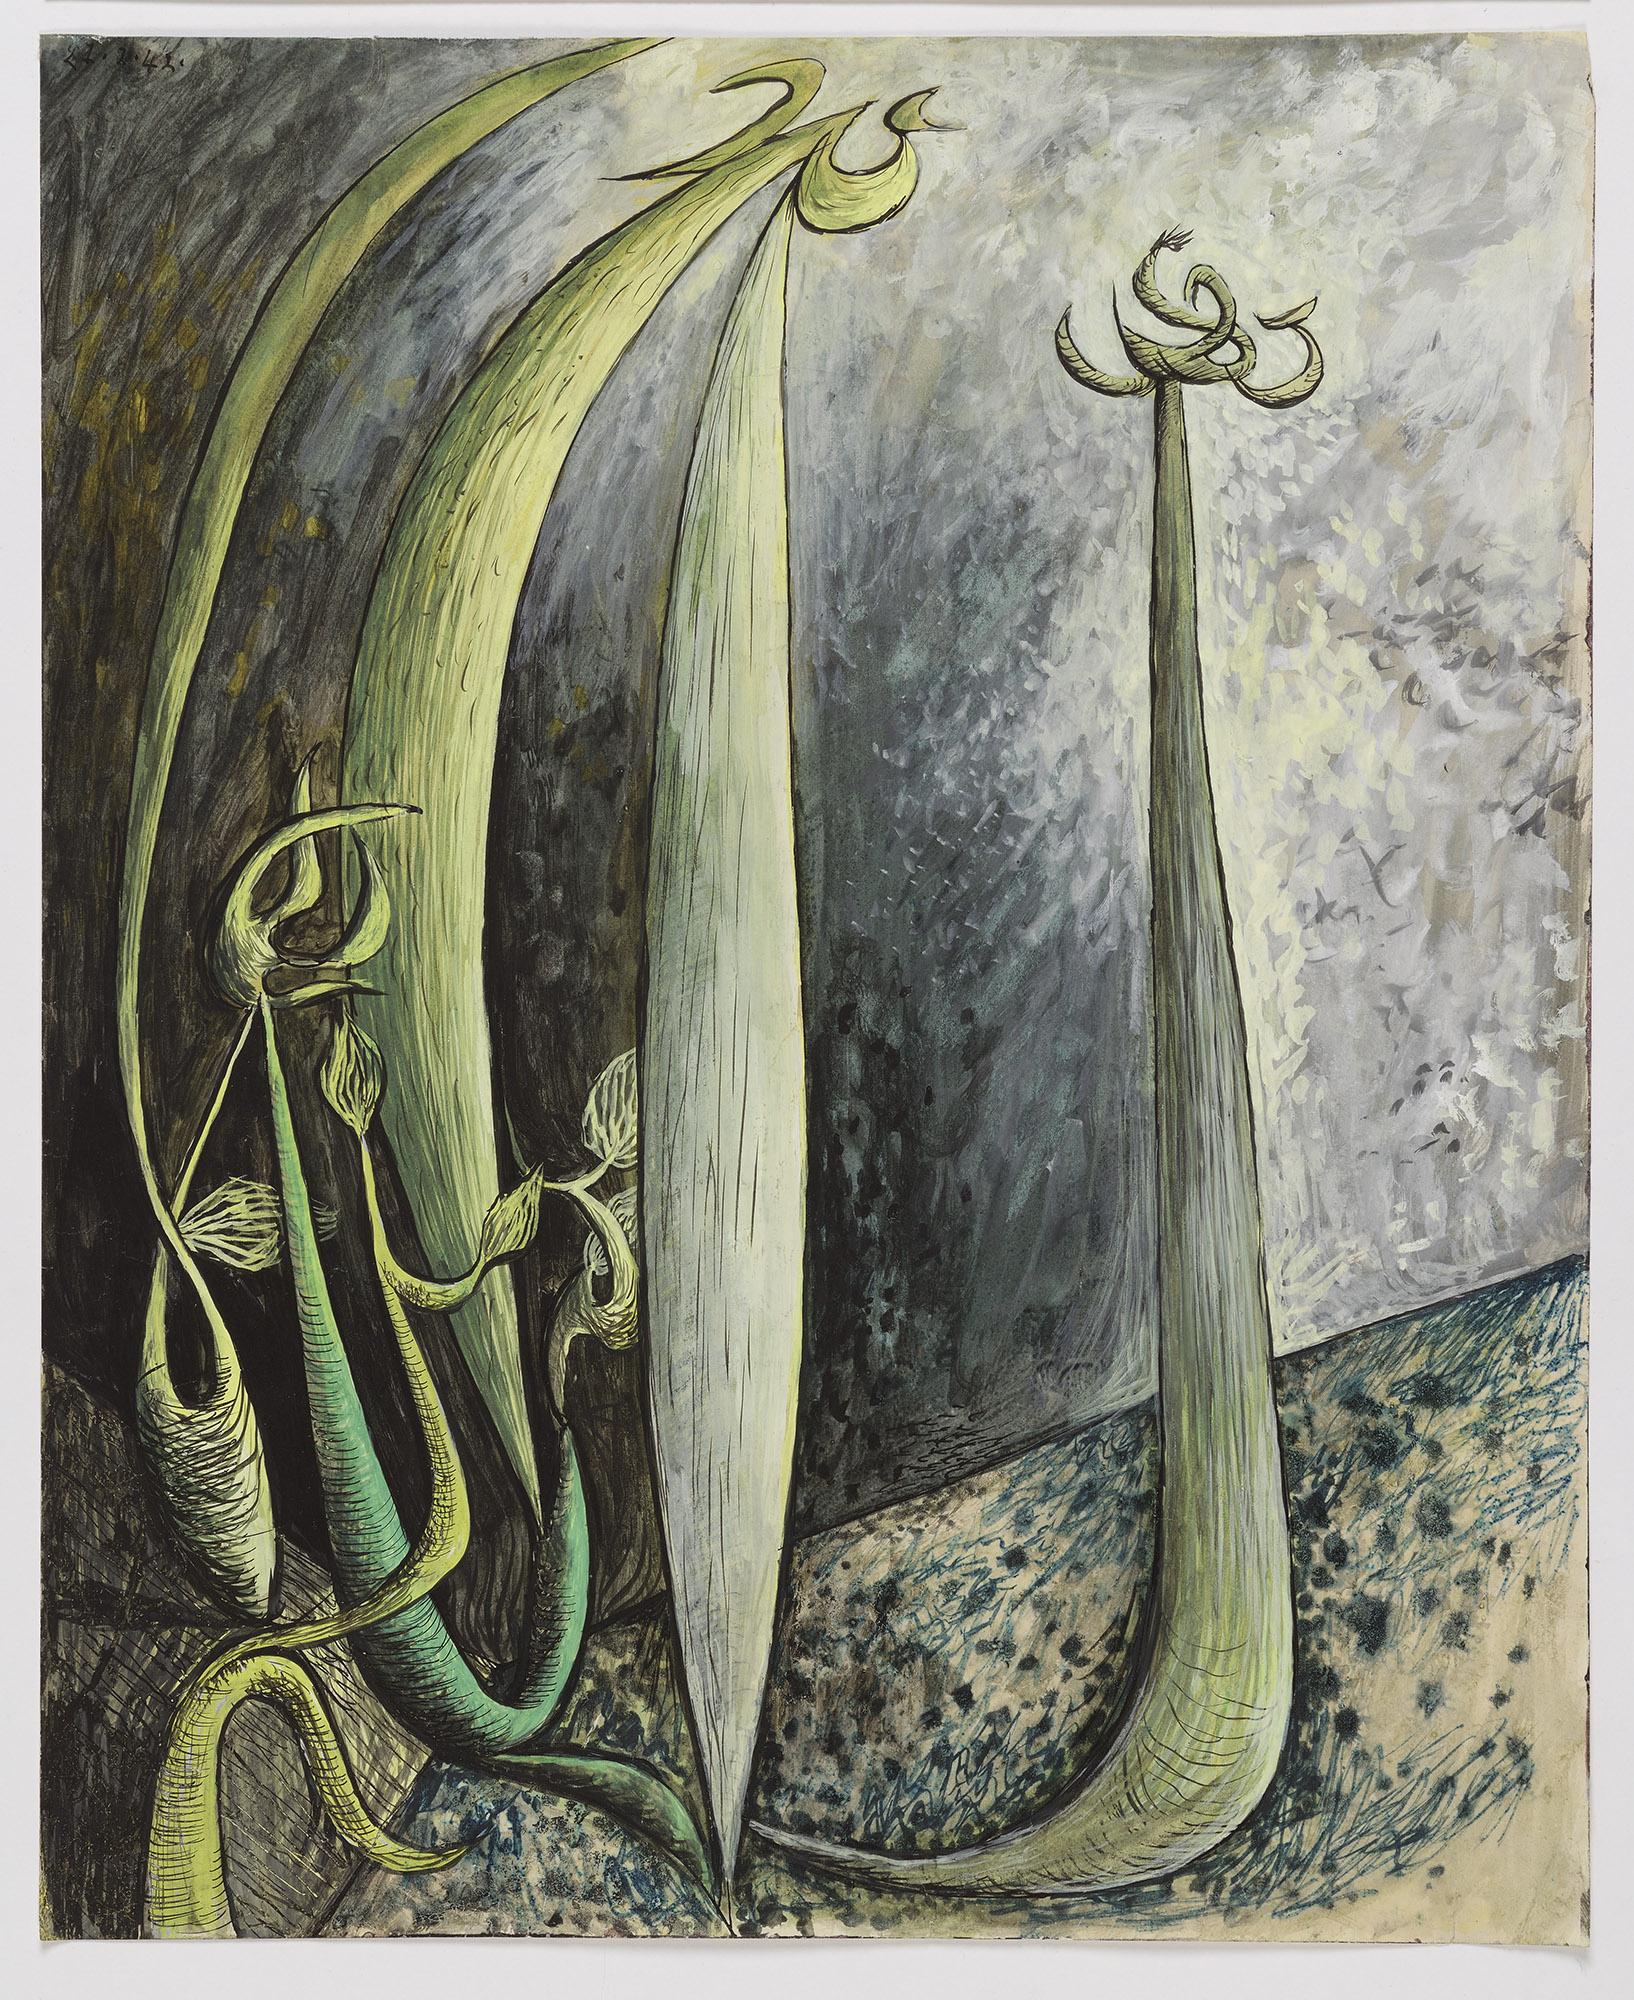 Metamorphic Plant I